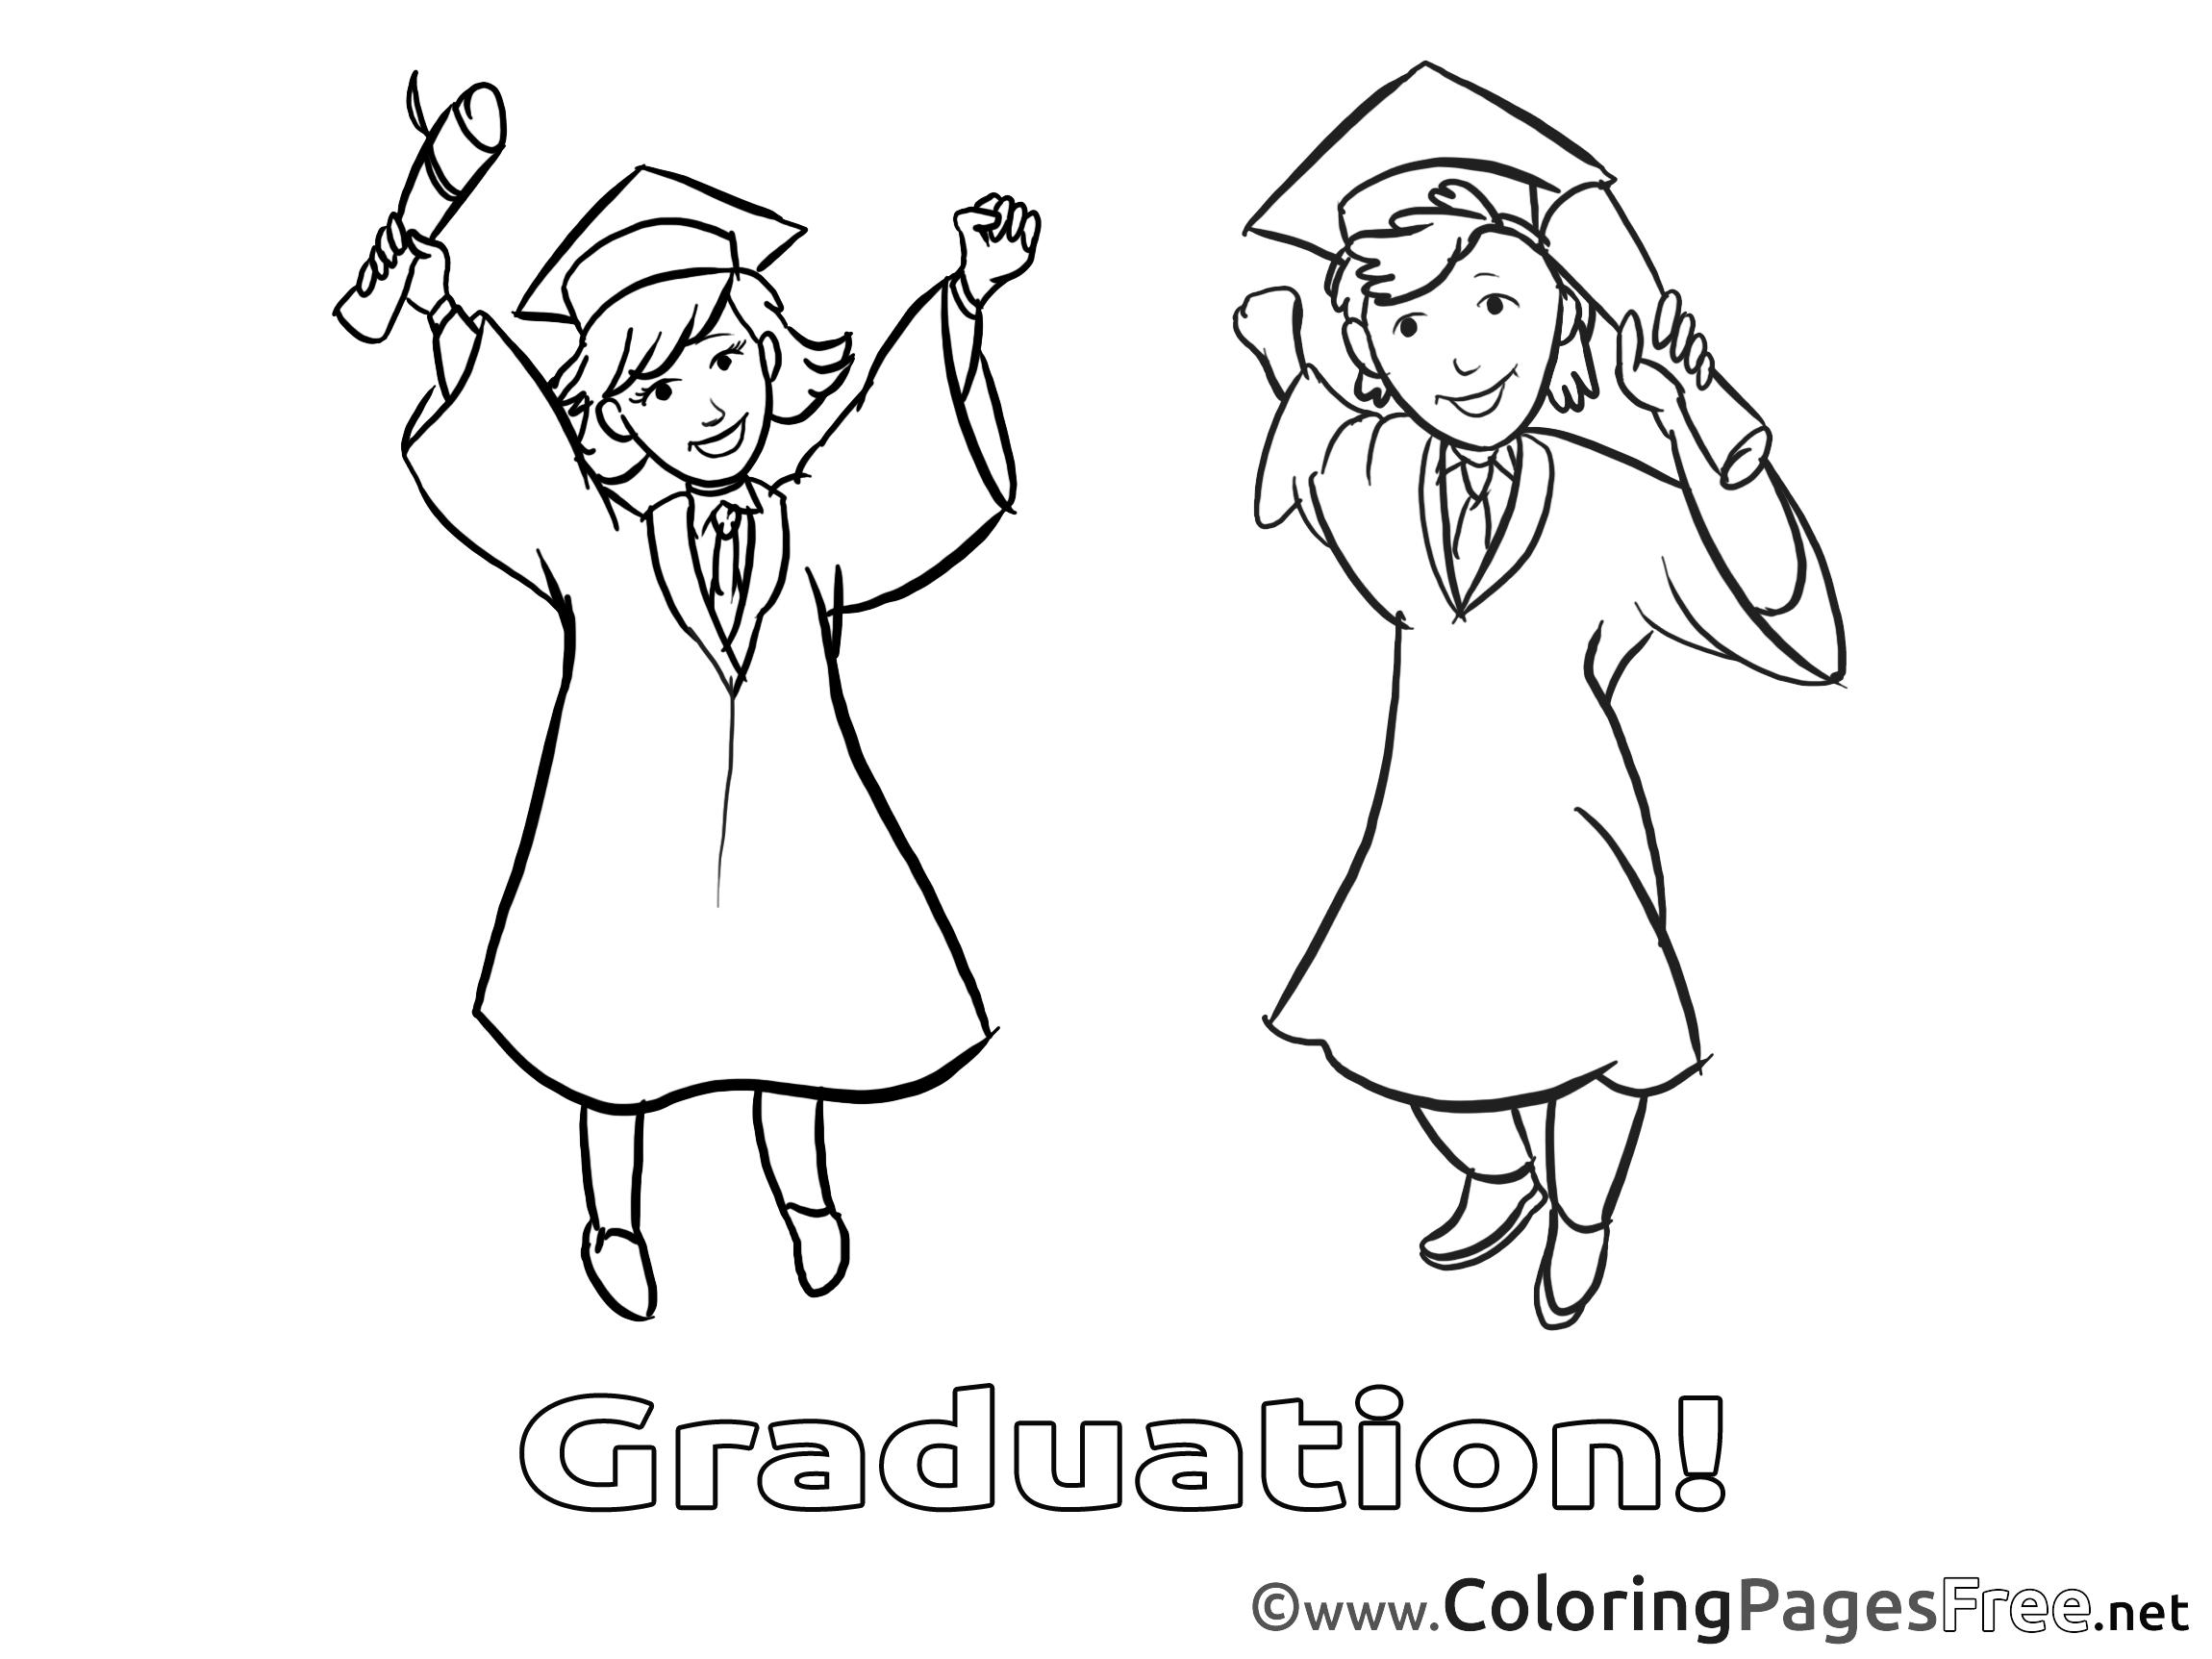 Coloring pages graduation - Kids Graduation Coloring Pages Bachelor